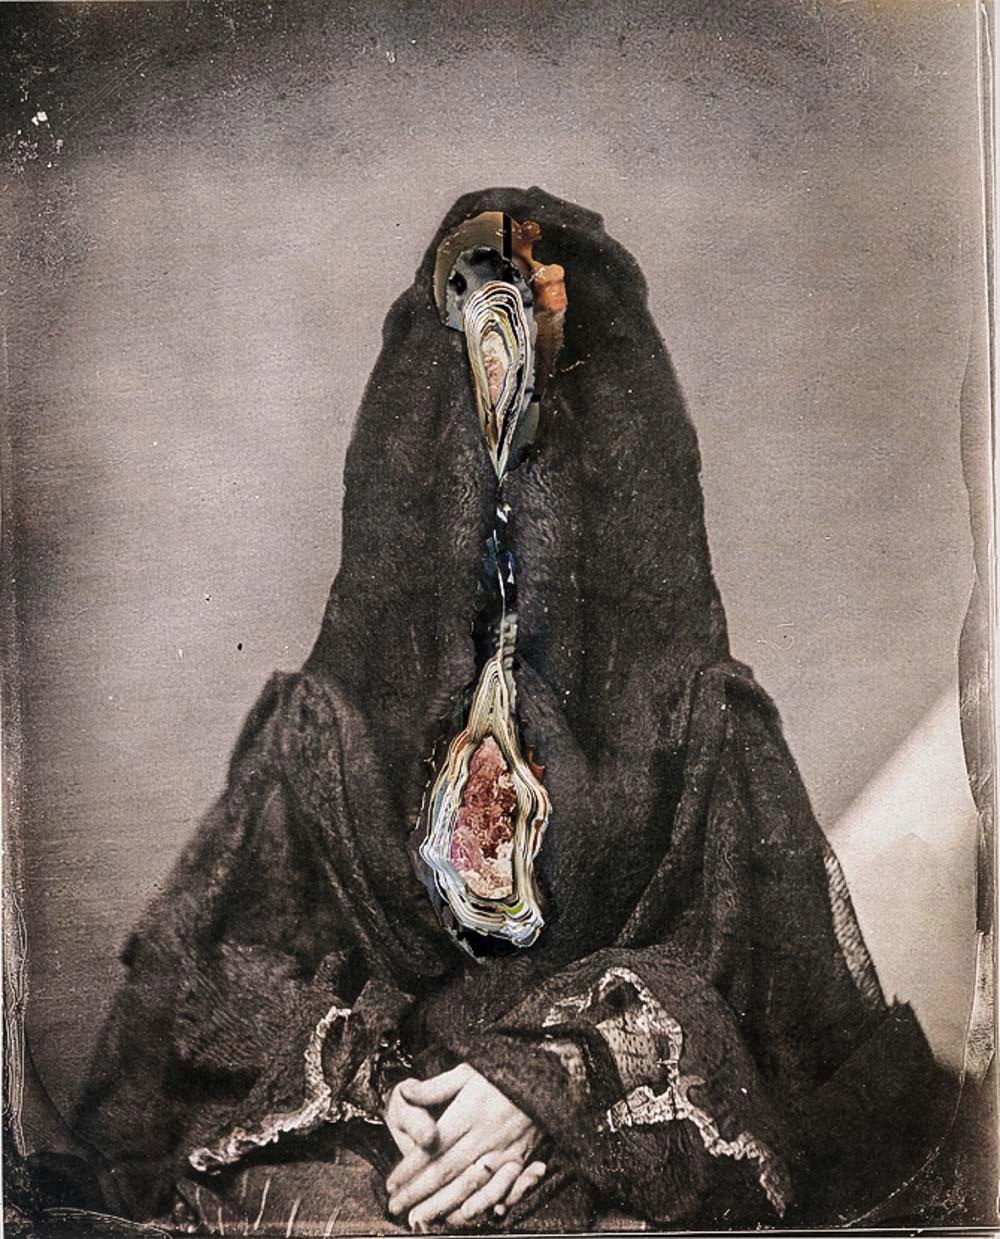 emir-sehanovic-art-zupi-10.jpg